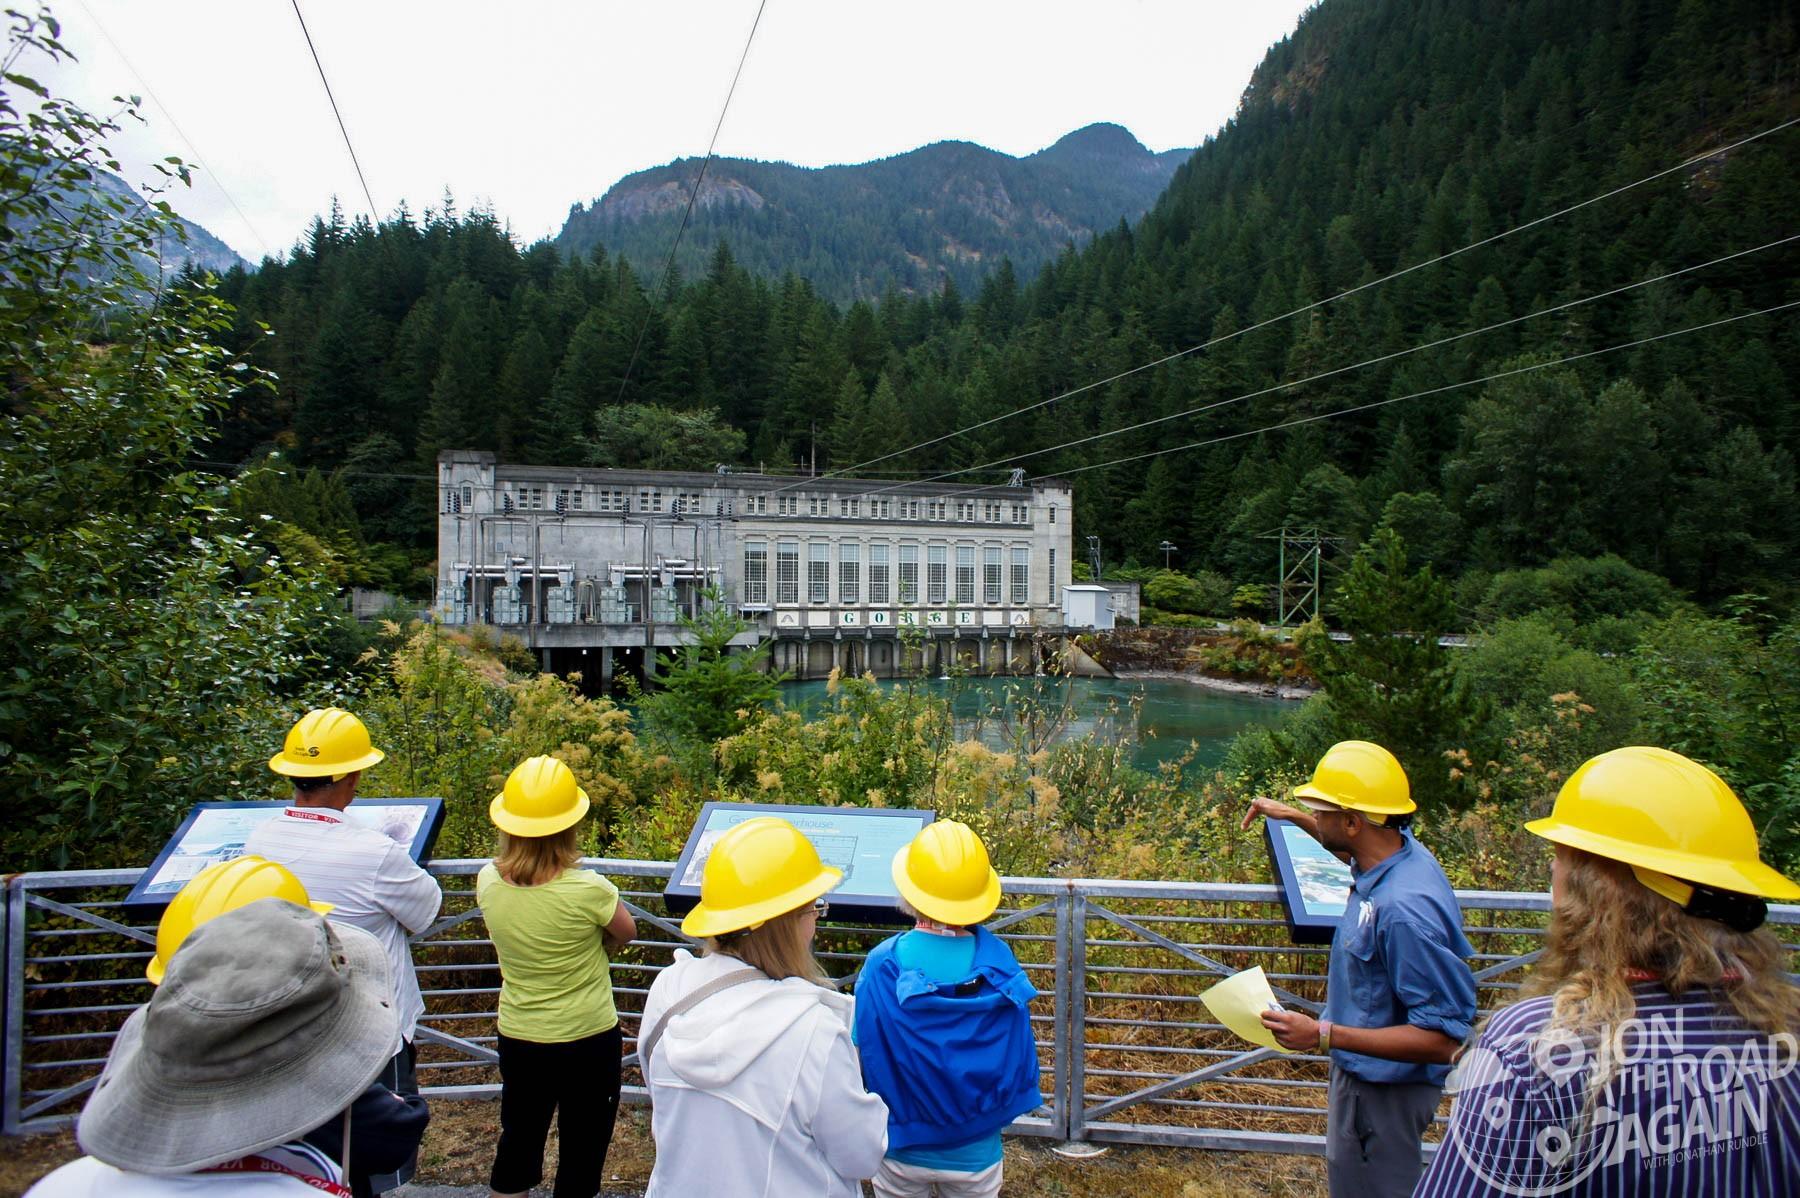 Tour Group at Gorge Powerhouse